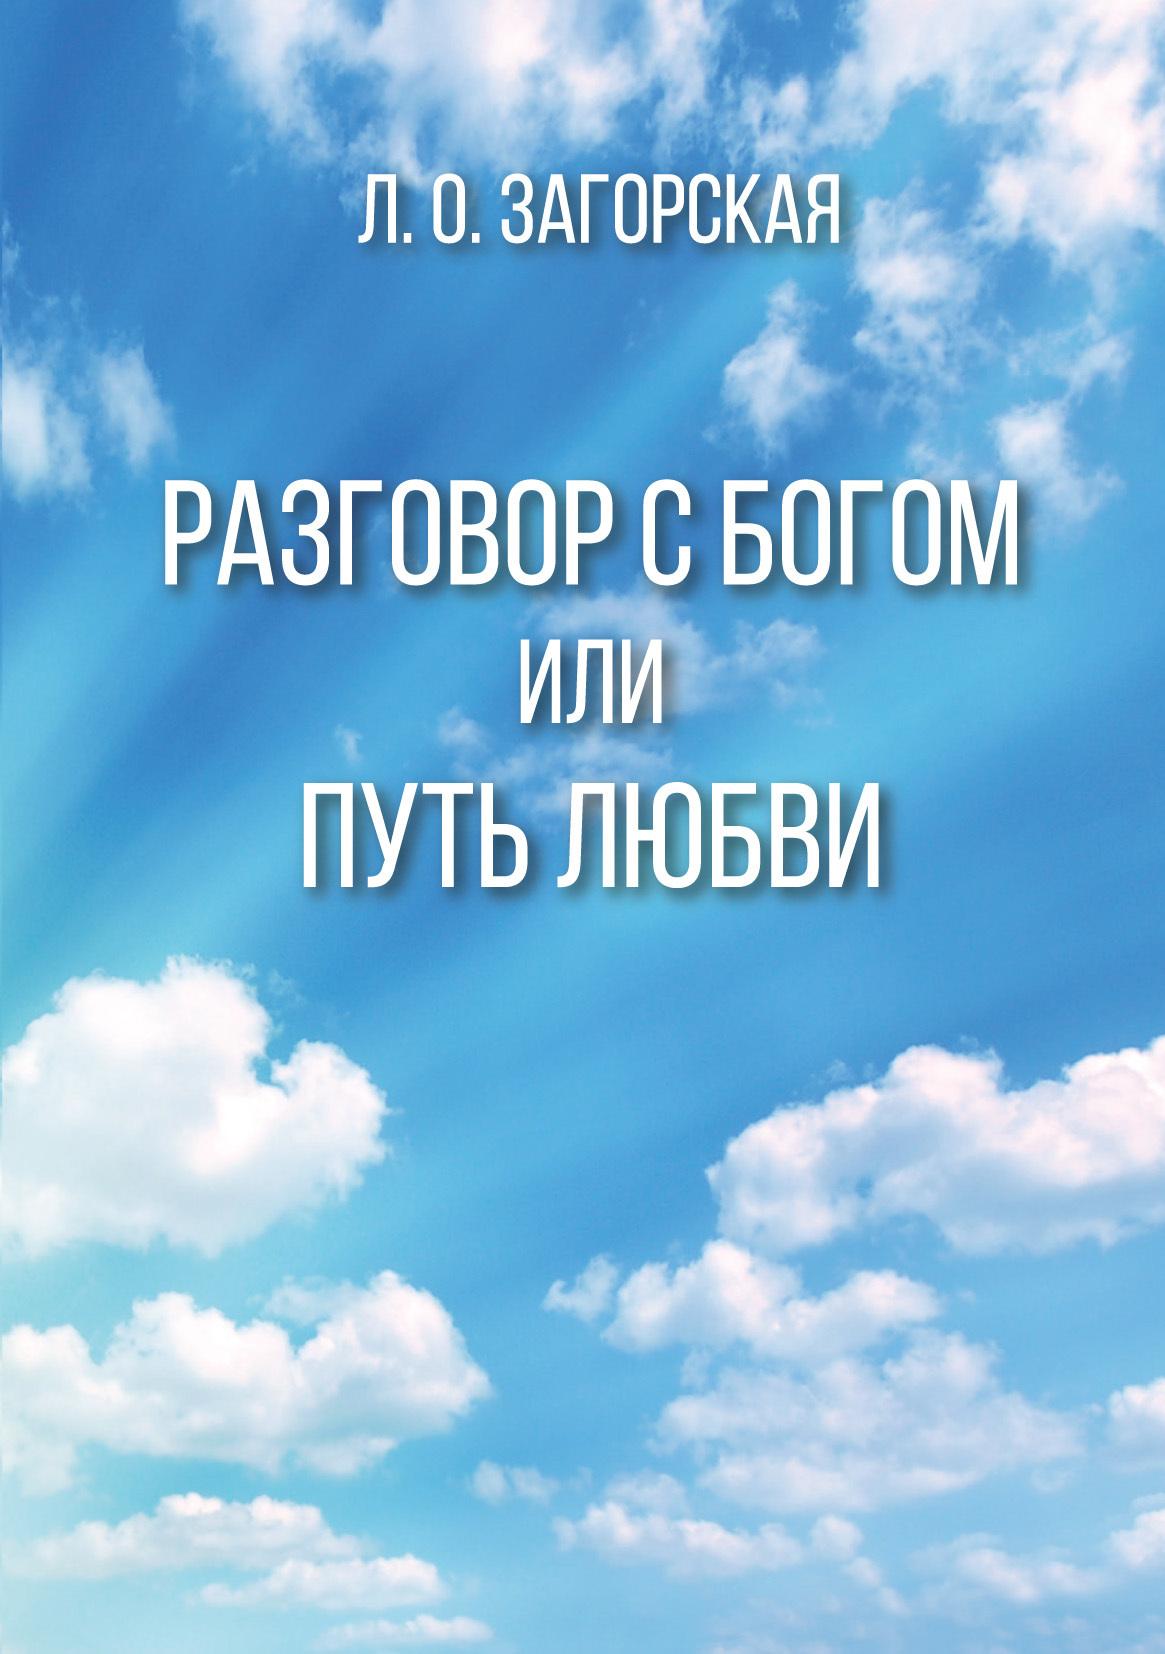 Любовь Загорская - Разговор с Богом, или Путь Любви